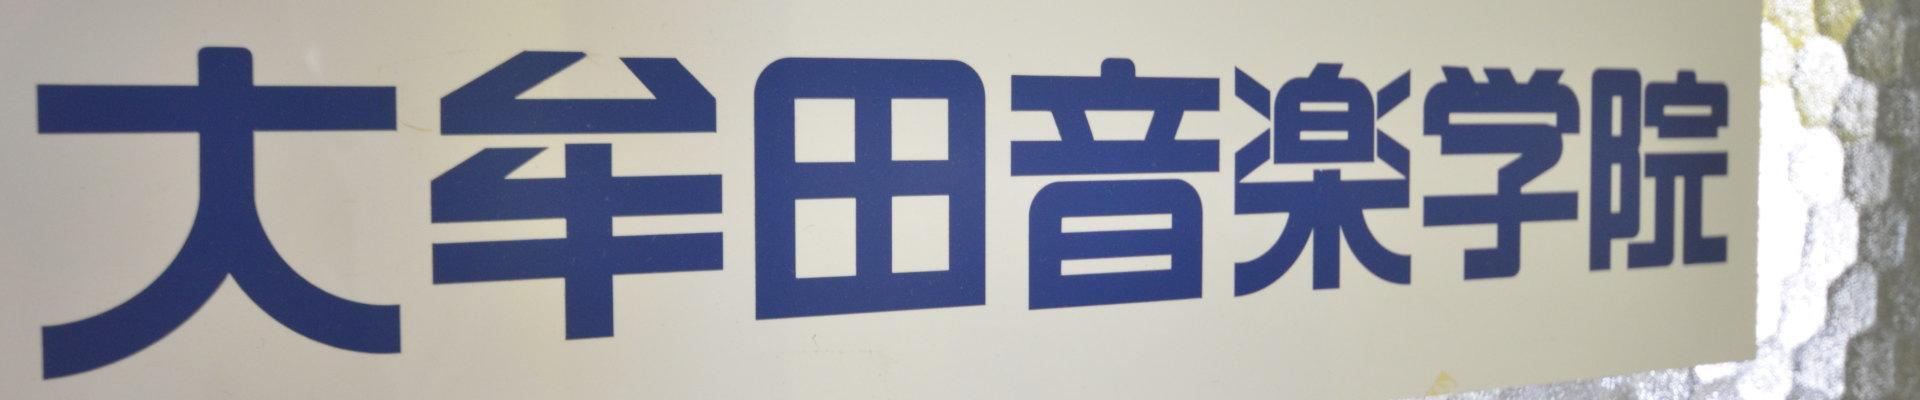 大牟田音楽学院